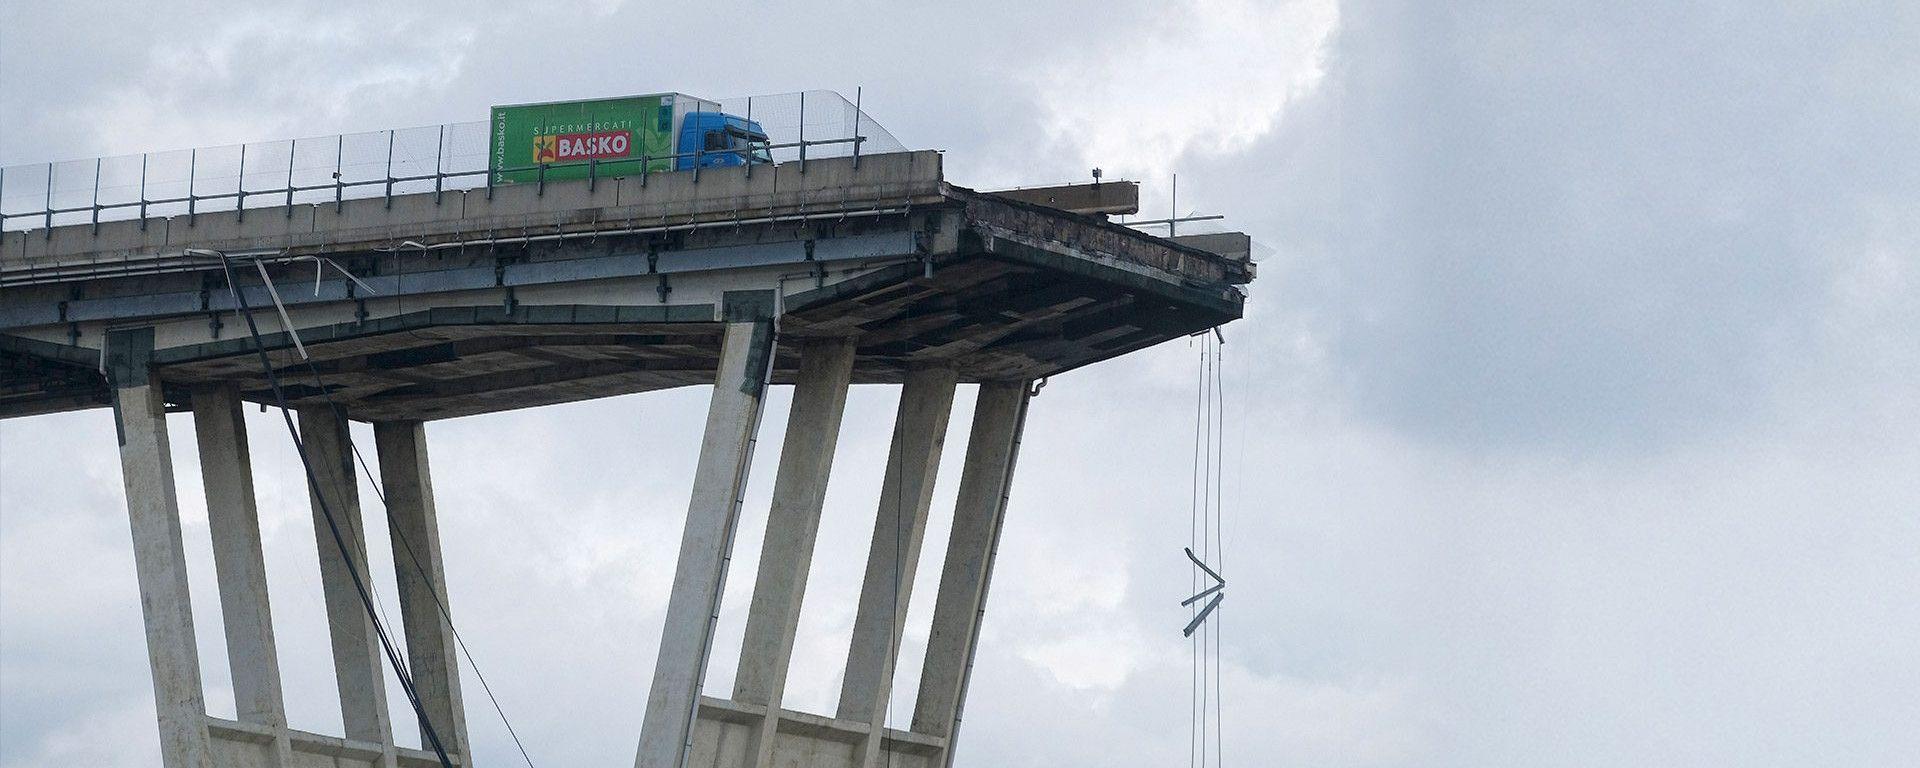 Crollo Ponte Morandi, l'immagine simbolo